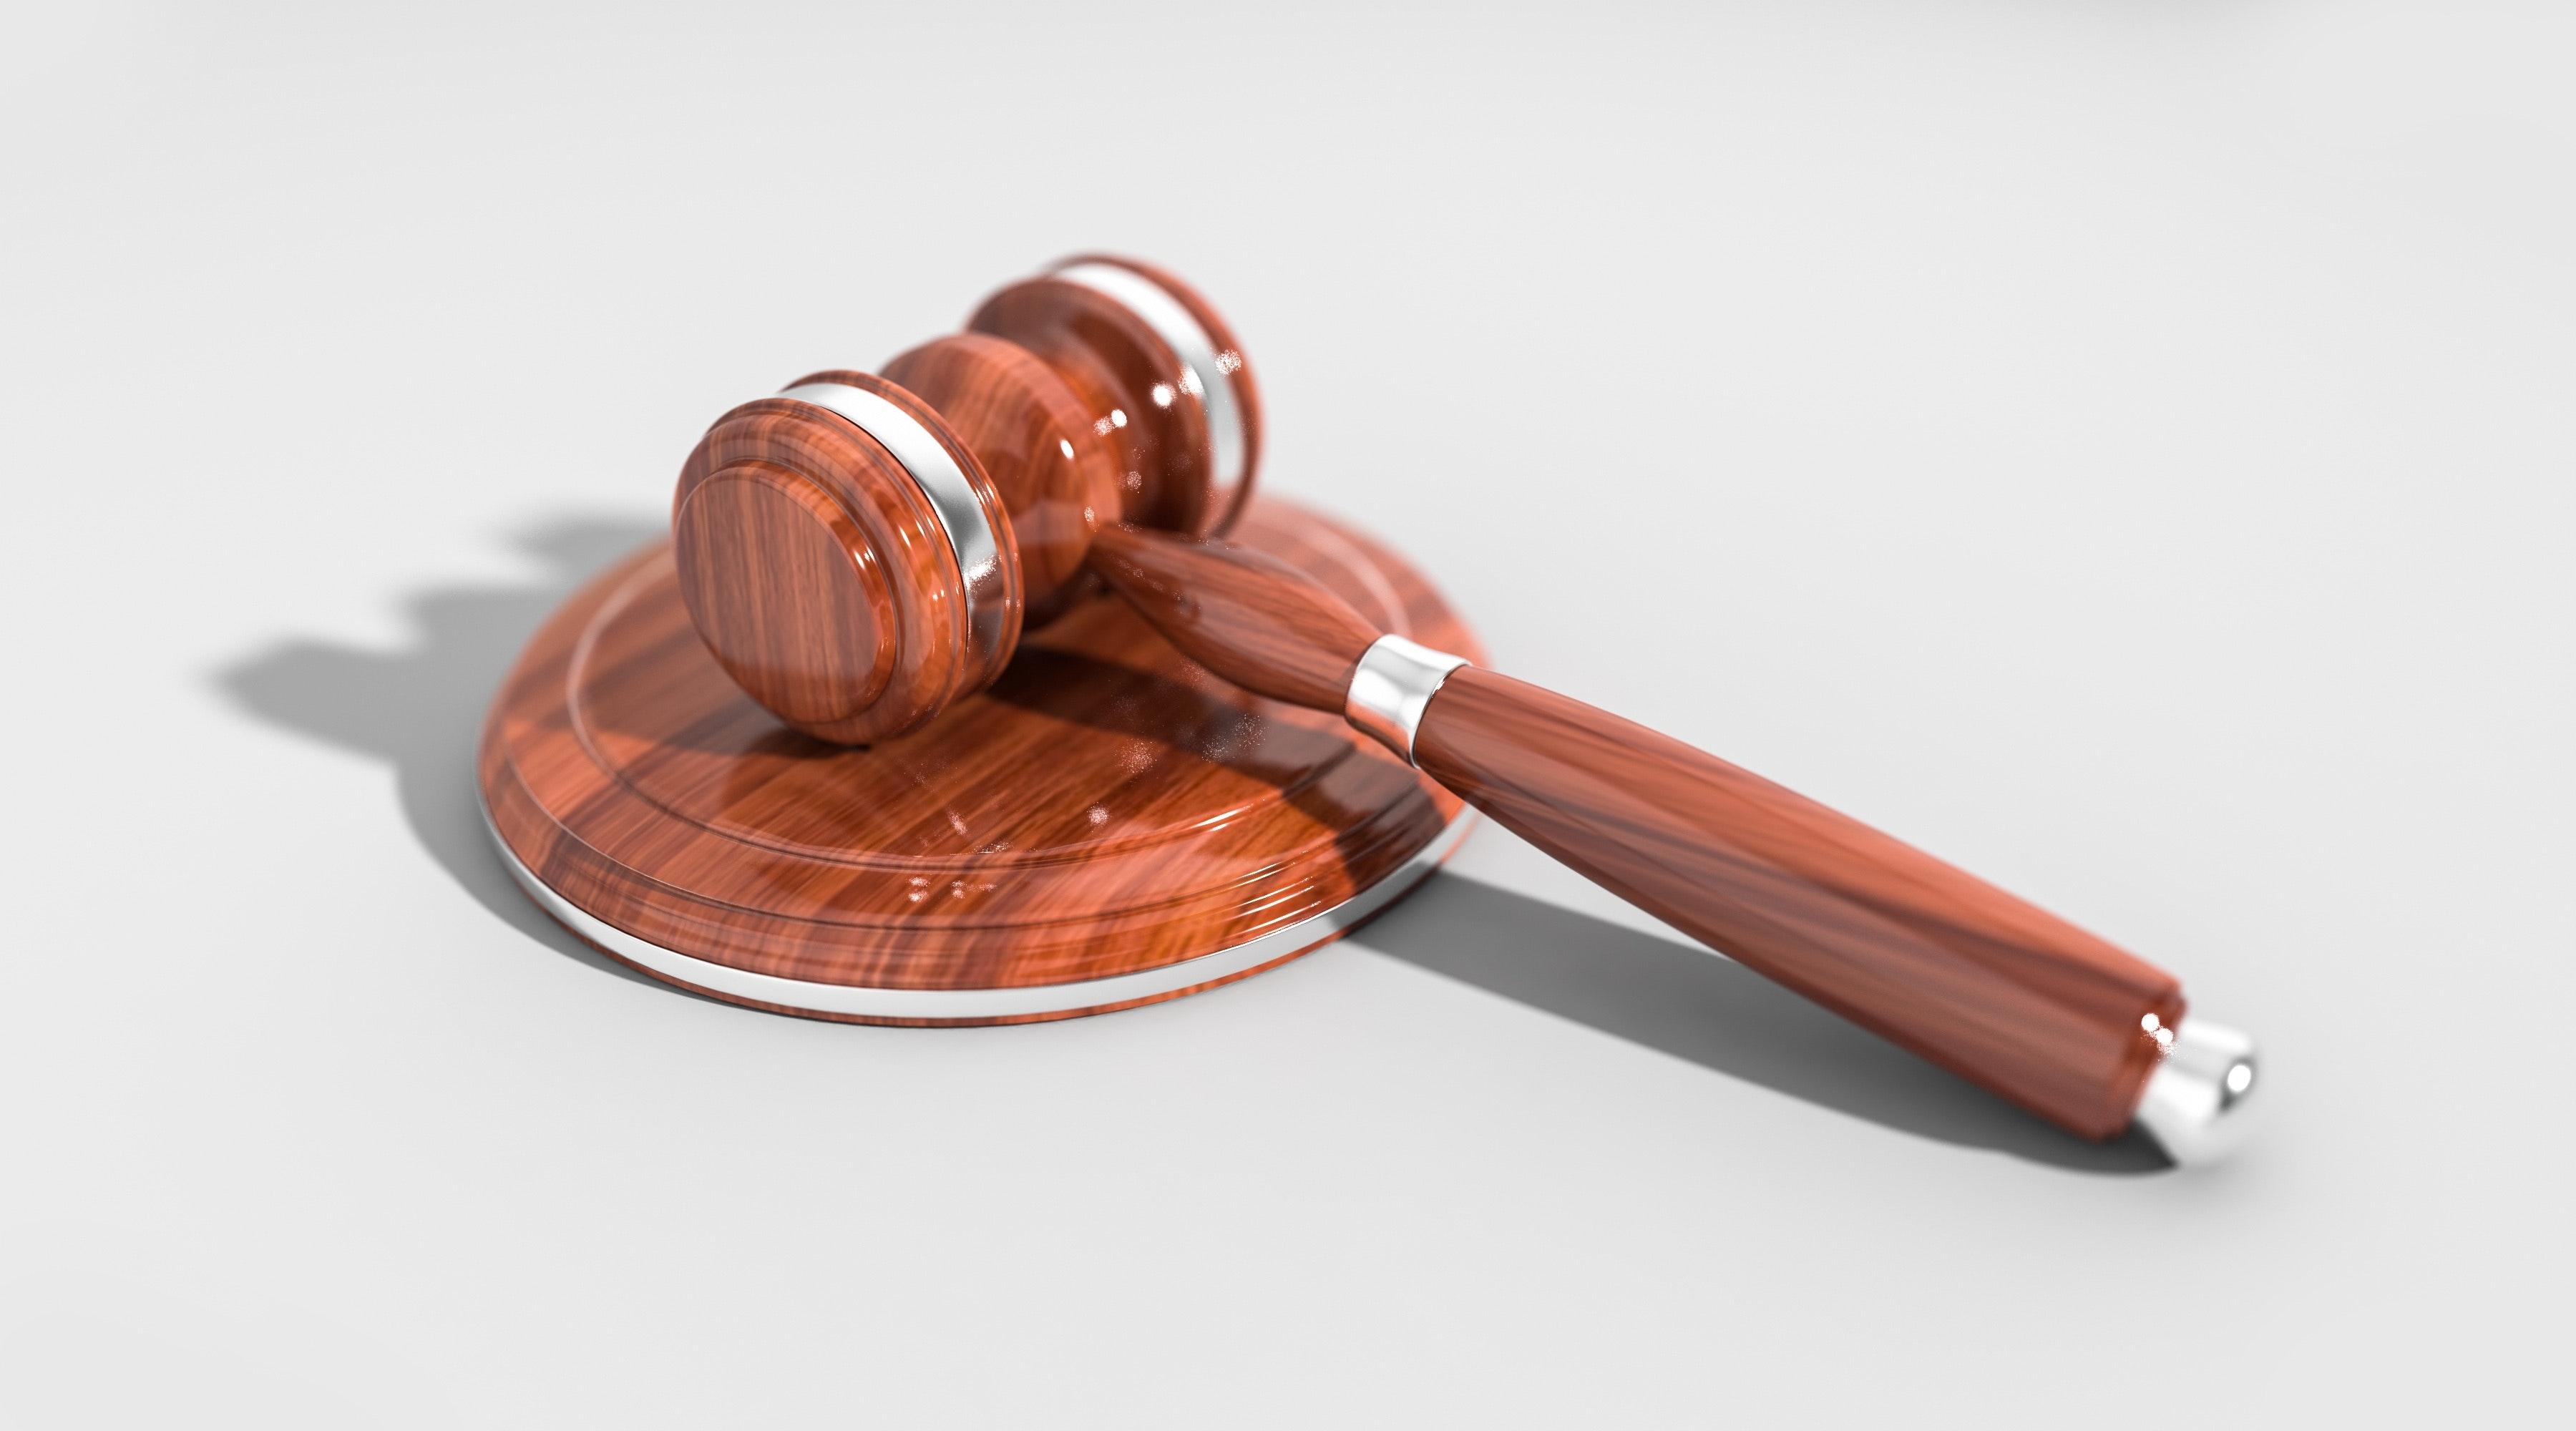 Warunkowe umorzenie postępowania karnego